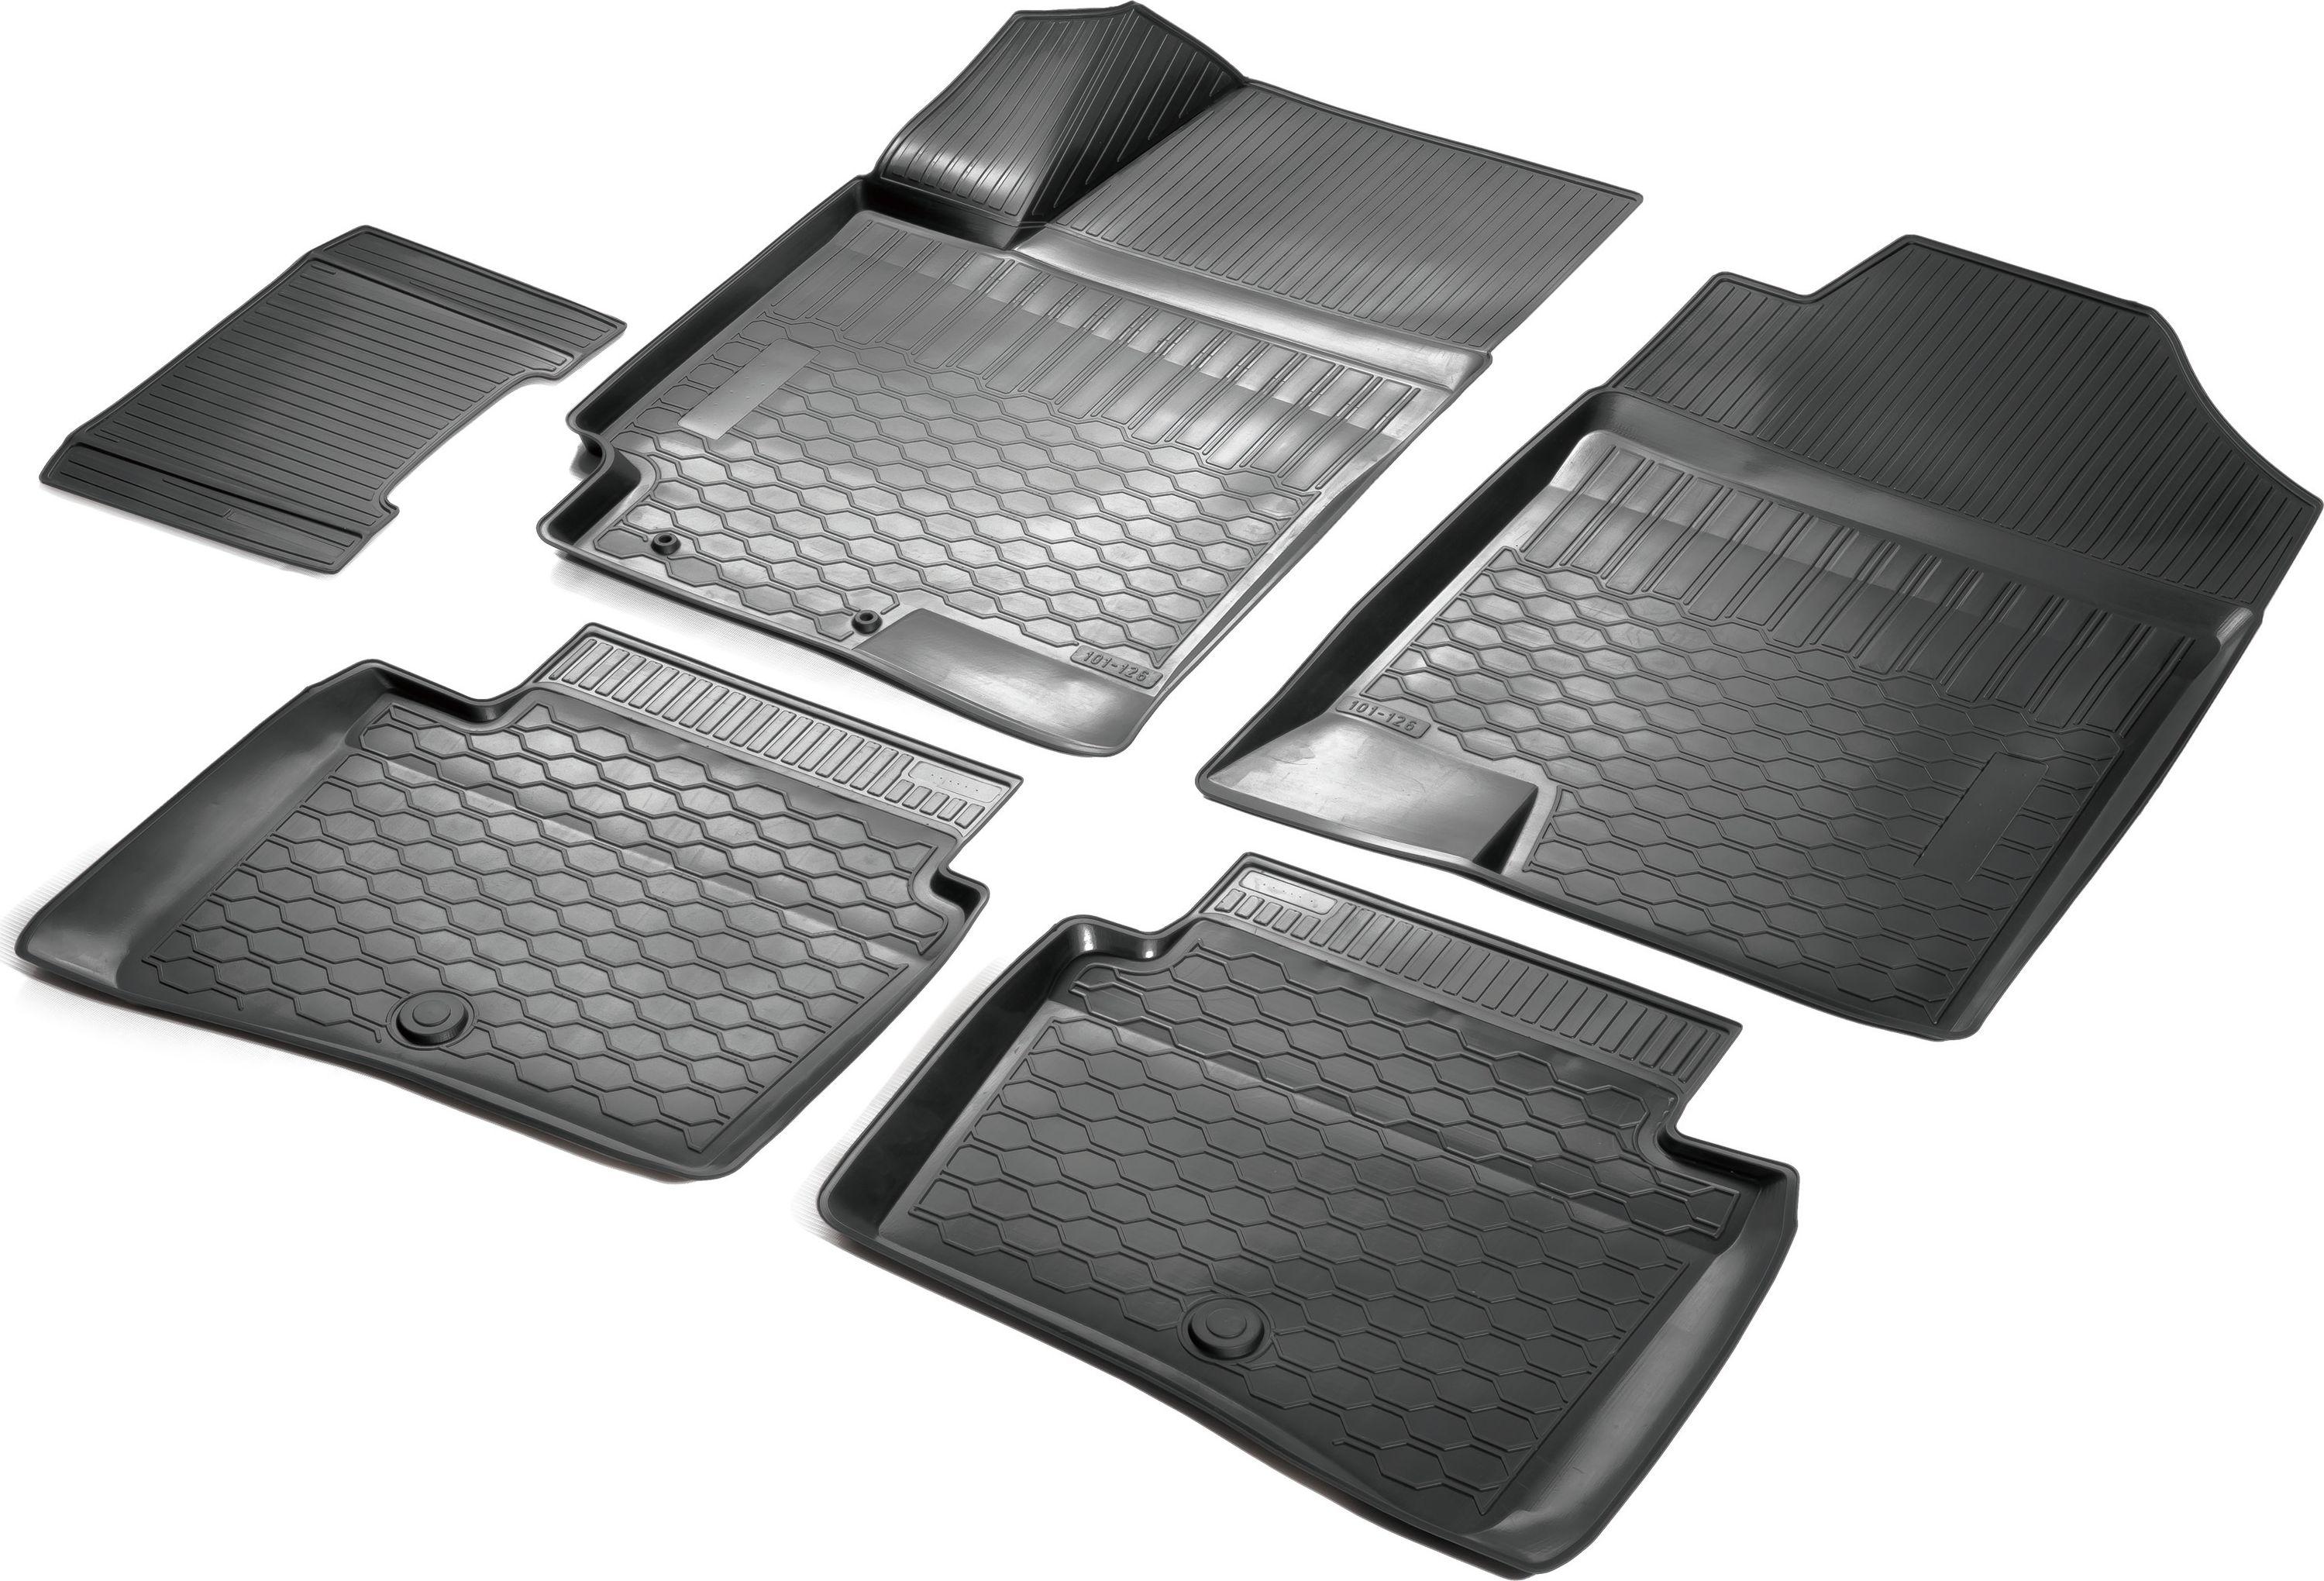 Ковры салона Rival, для Hyundai Solaris SD 2017- (полиуретан)0012305007Ковры салона для Hyundai Solaris SD 2017-, полиуретан, Rival Автомобильные ковры салона Rival Прочные и долговечные ковры в салон автомобиля, изготовлены из высококачественного и экологичного сырья, полностью повторяют геометрию салона вашего автомобиля. - Надежная система крепления, позволяющая закрепить коврик на штатные элементы фиксации, в результате чего отсутствует эффект скольжения по салону автомобиля. - Высокая стойкость поверхности к стиранию. - Специализированный рисунок и высокий борт, препятствующие распространению грязи и жидкости по поверхности ковра. - Перемычка задних ковров в комплекте предотвращает загрязнение тоннеля карданного вала. - Произведены из первичных материалов, в результате чего отсутствует неприятный запах в салоне автомобиля. - Высокая эластичность, можно беспрепятственно эксплуатировать при температуре от -45°C до +45°C. Уважаемые клиенты! Обращаем ваше внимание, что ковры имеет форму соответствующую...